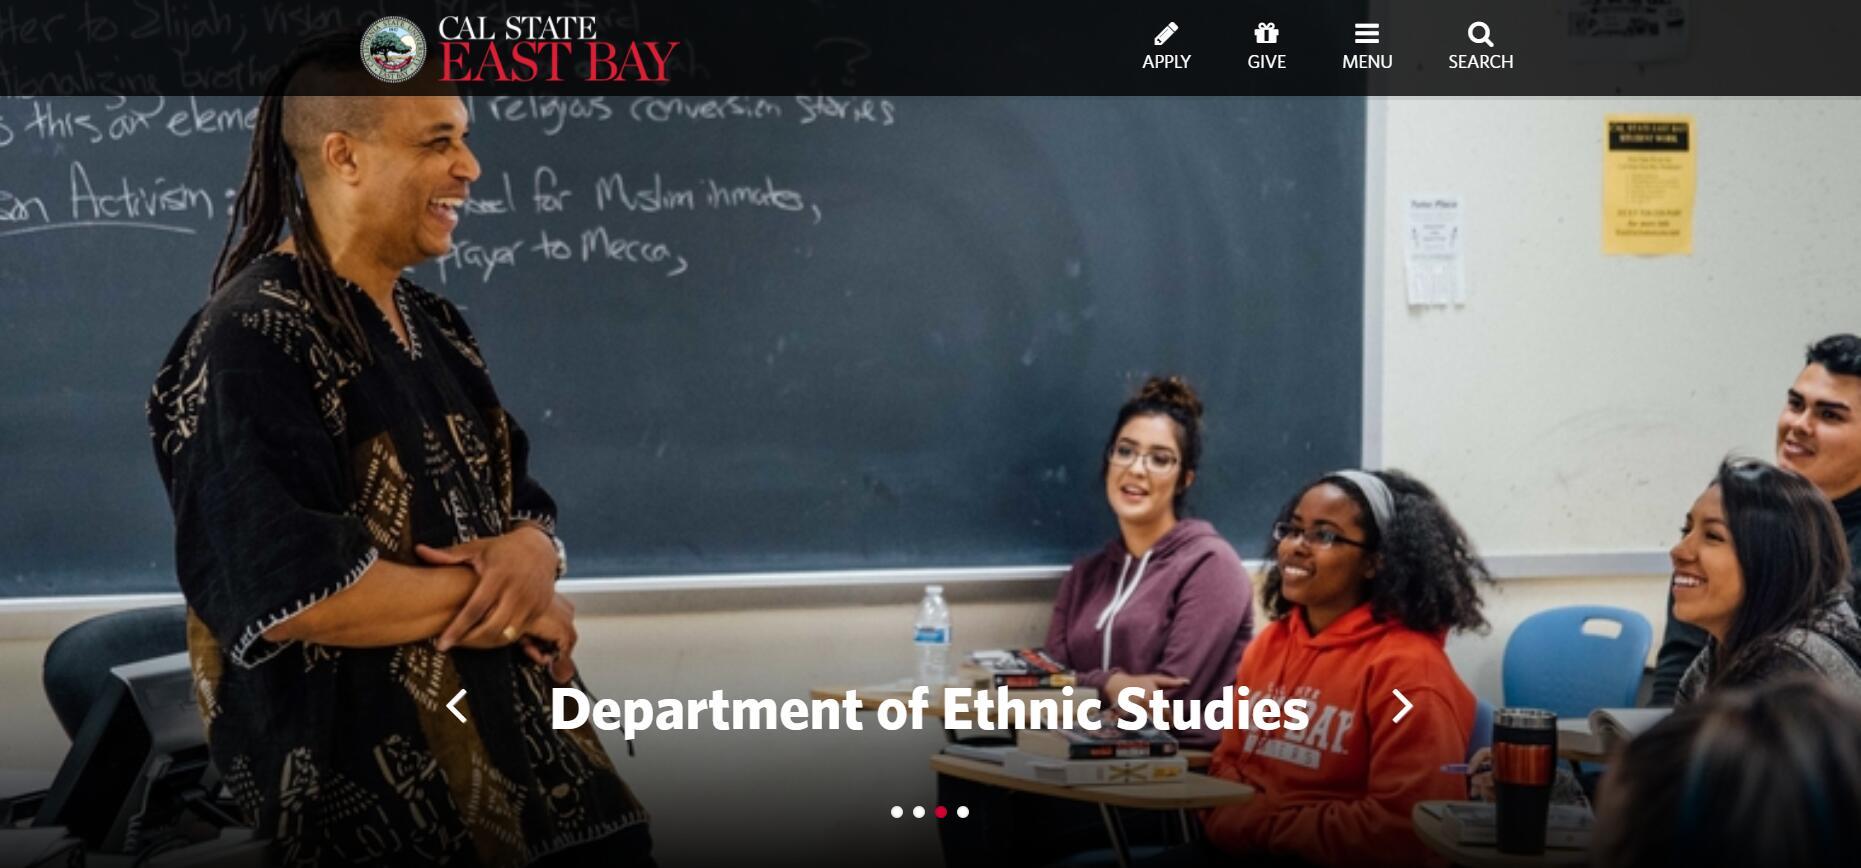 CSUEB Department of Ethnic Studies